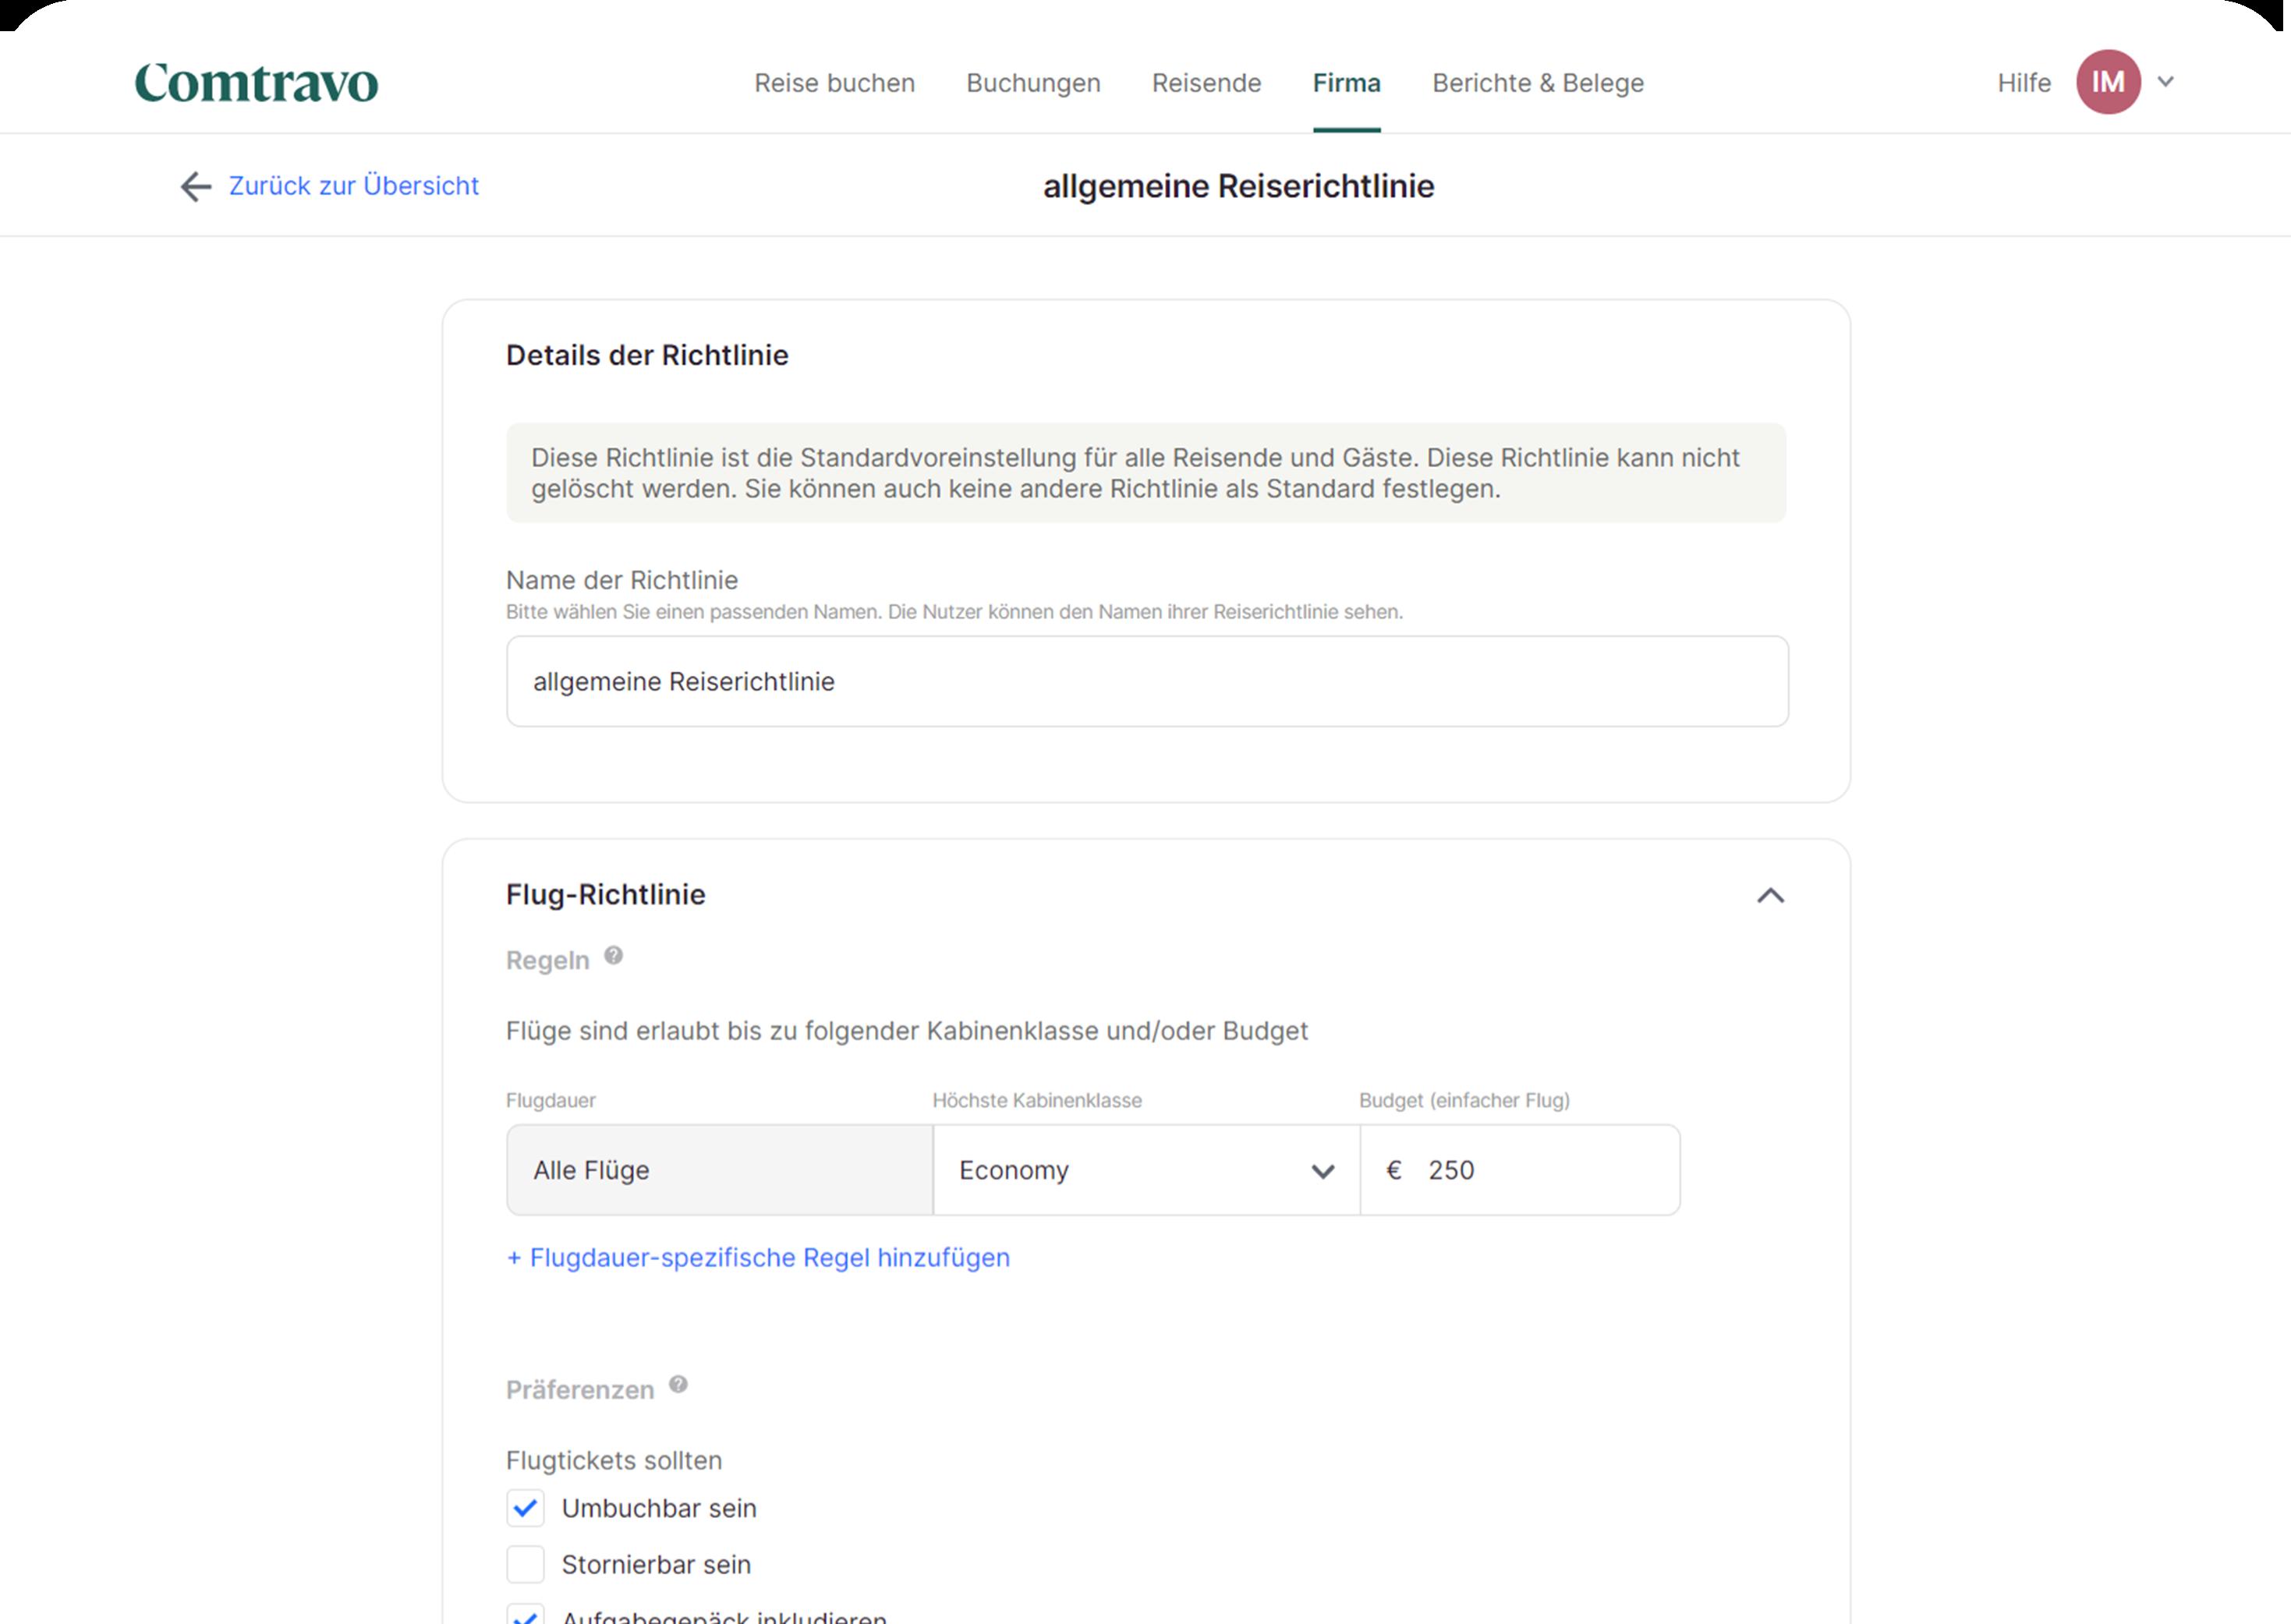 Comtravo Screenshot von Buchungsplattform mit Einblick in Reiserichtlinien